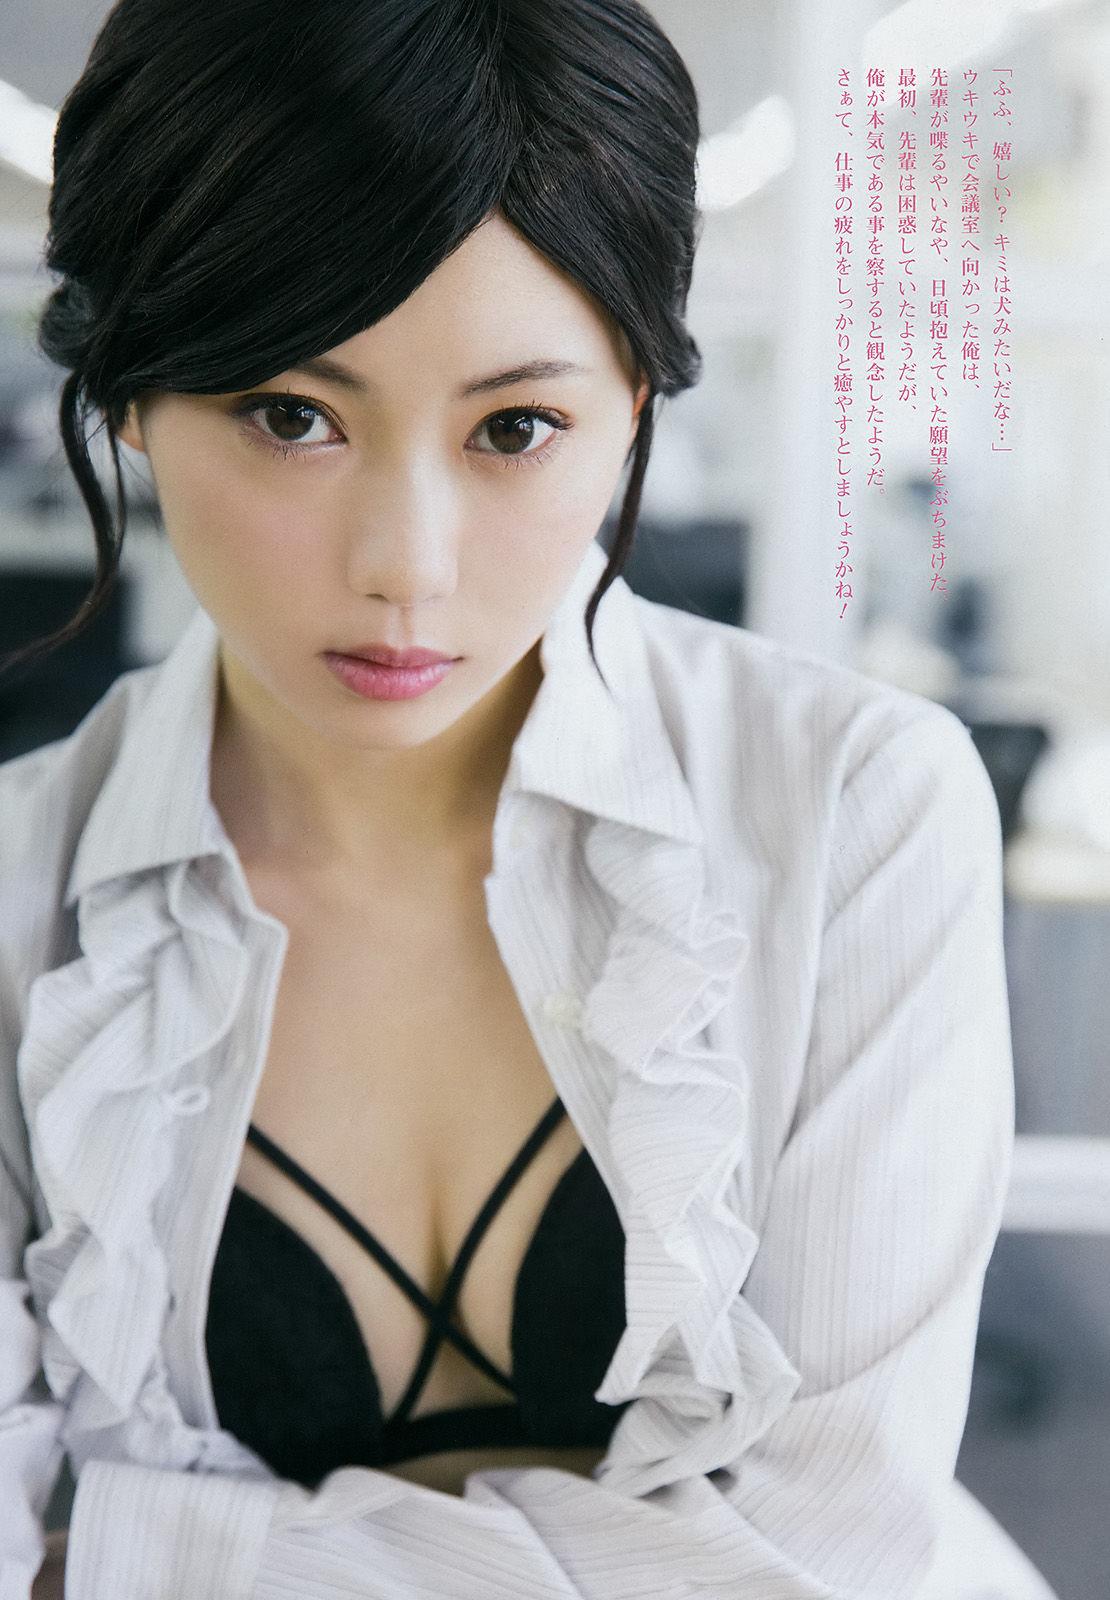 [Young Gangan杂志写真]铃木爱理超高清写真大图片(22P) 215热度